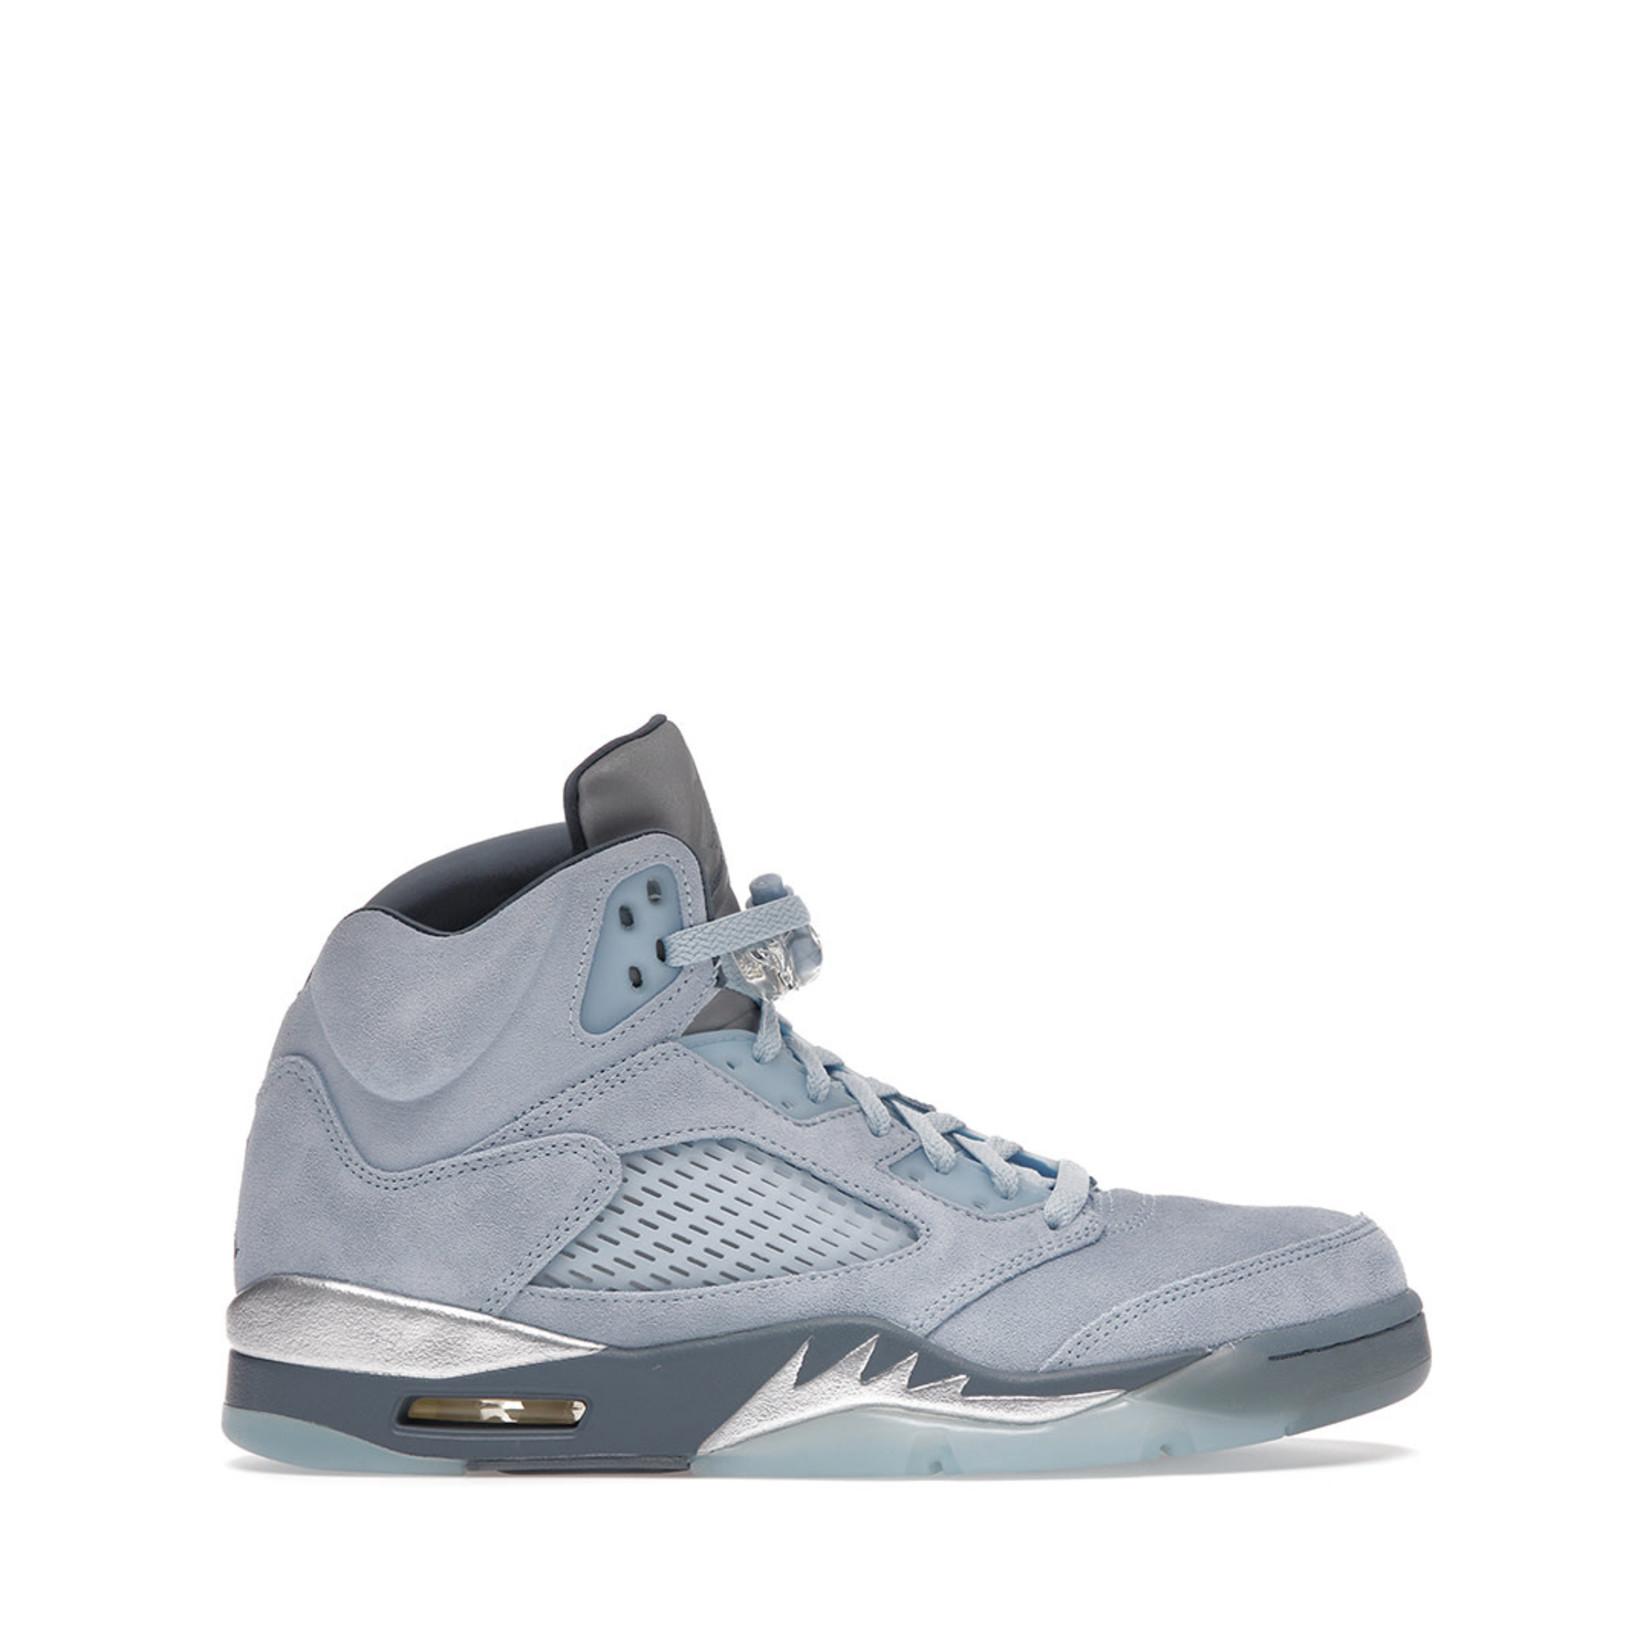 Jordan Jordan 5 Retro Bluebird (W)